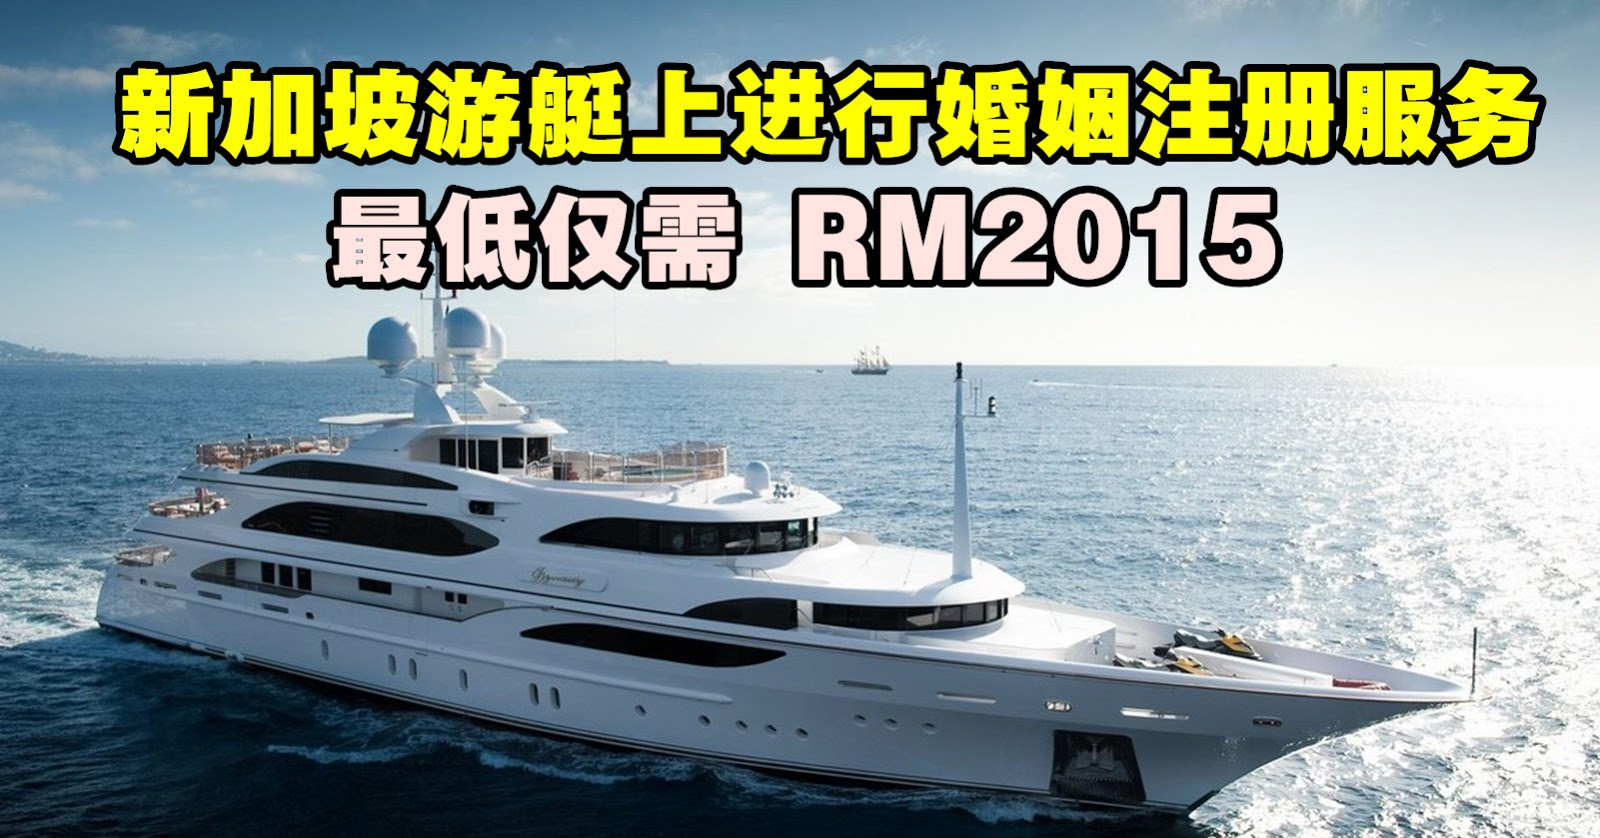 新加坡游艇上进行婚姻注册服务,最低仅需 RM 2015